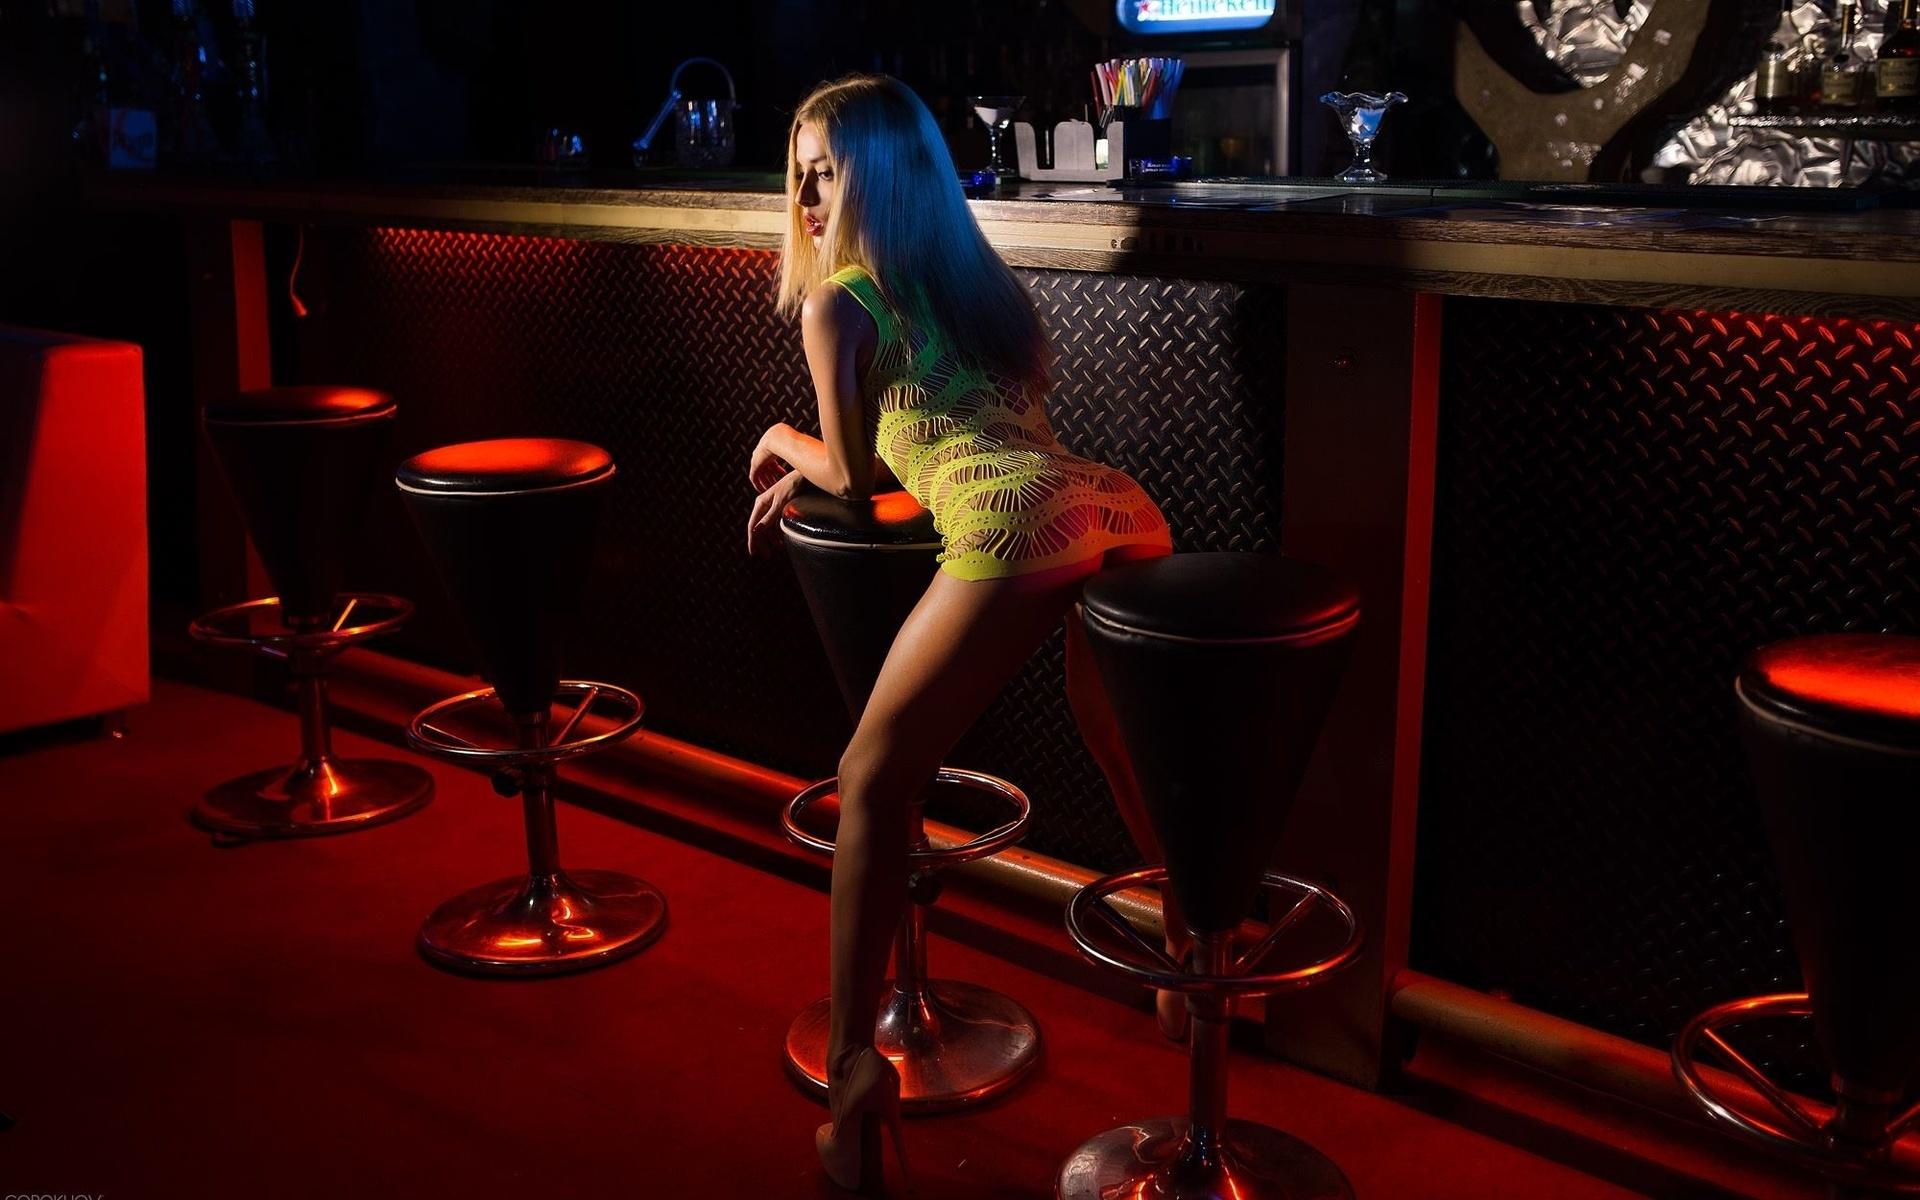 такие фото лесбиянок блондинок у барной стойки был уверен, что